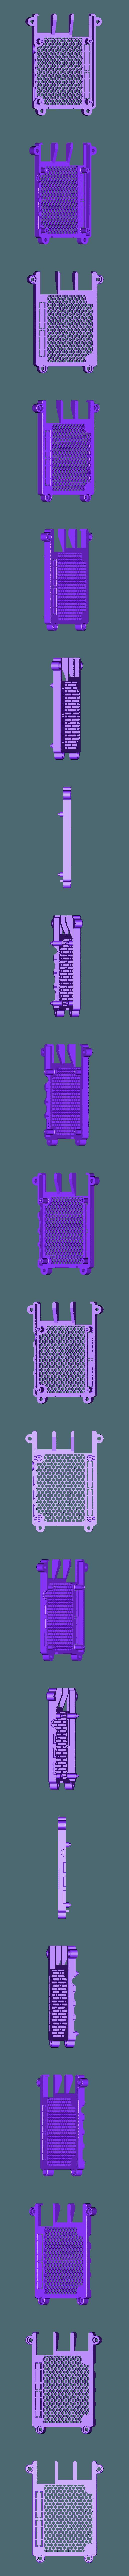 SLIM.STL Télécharger fichier STL gratuit Étui Pi 4B Framboise Framboise • Objet pour imprimante 3D, mkellsy